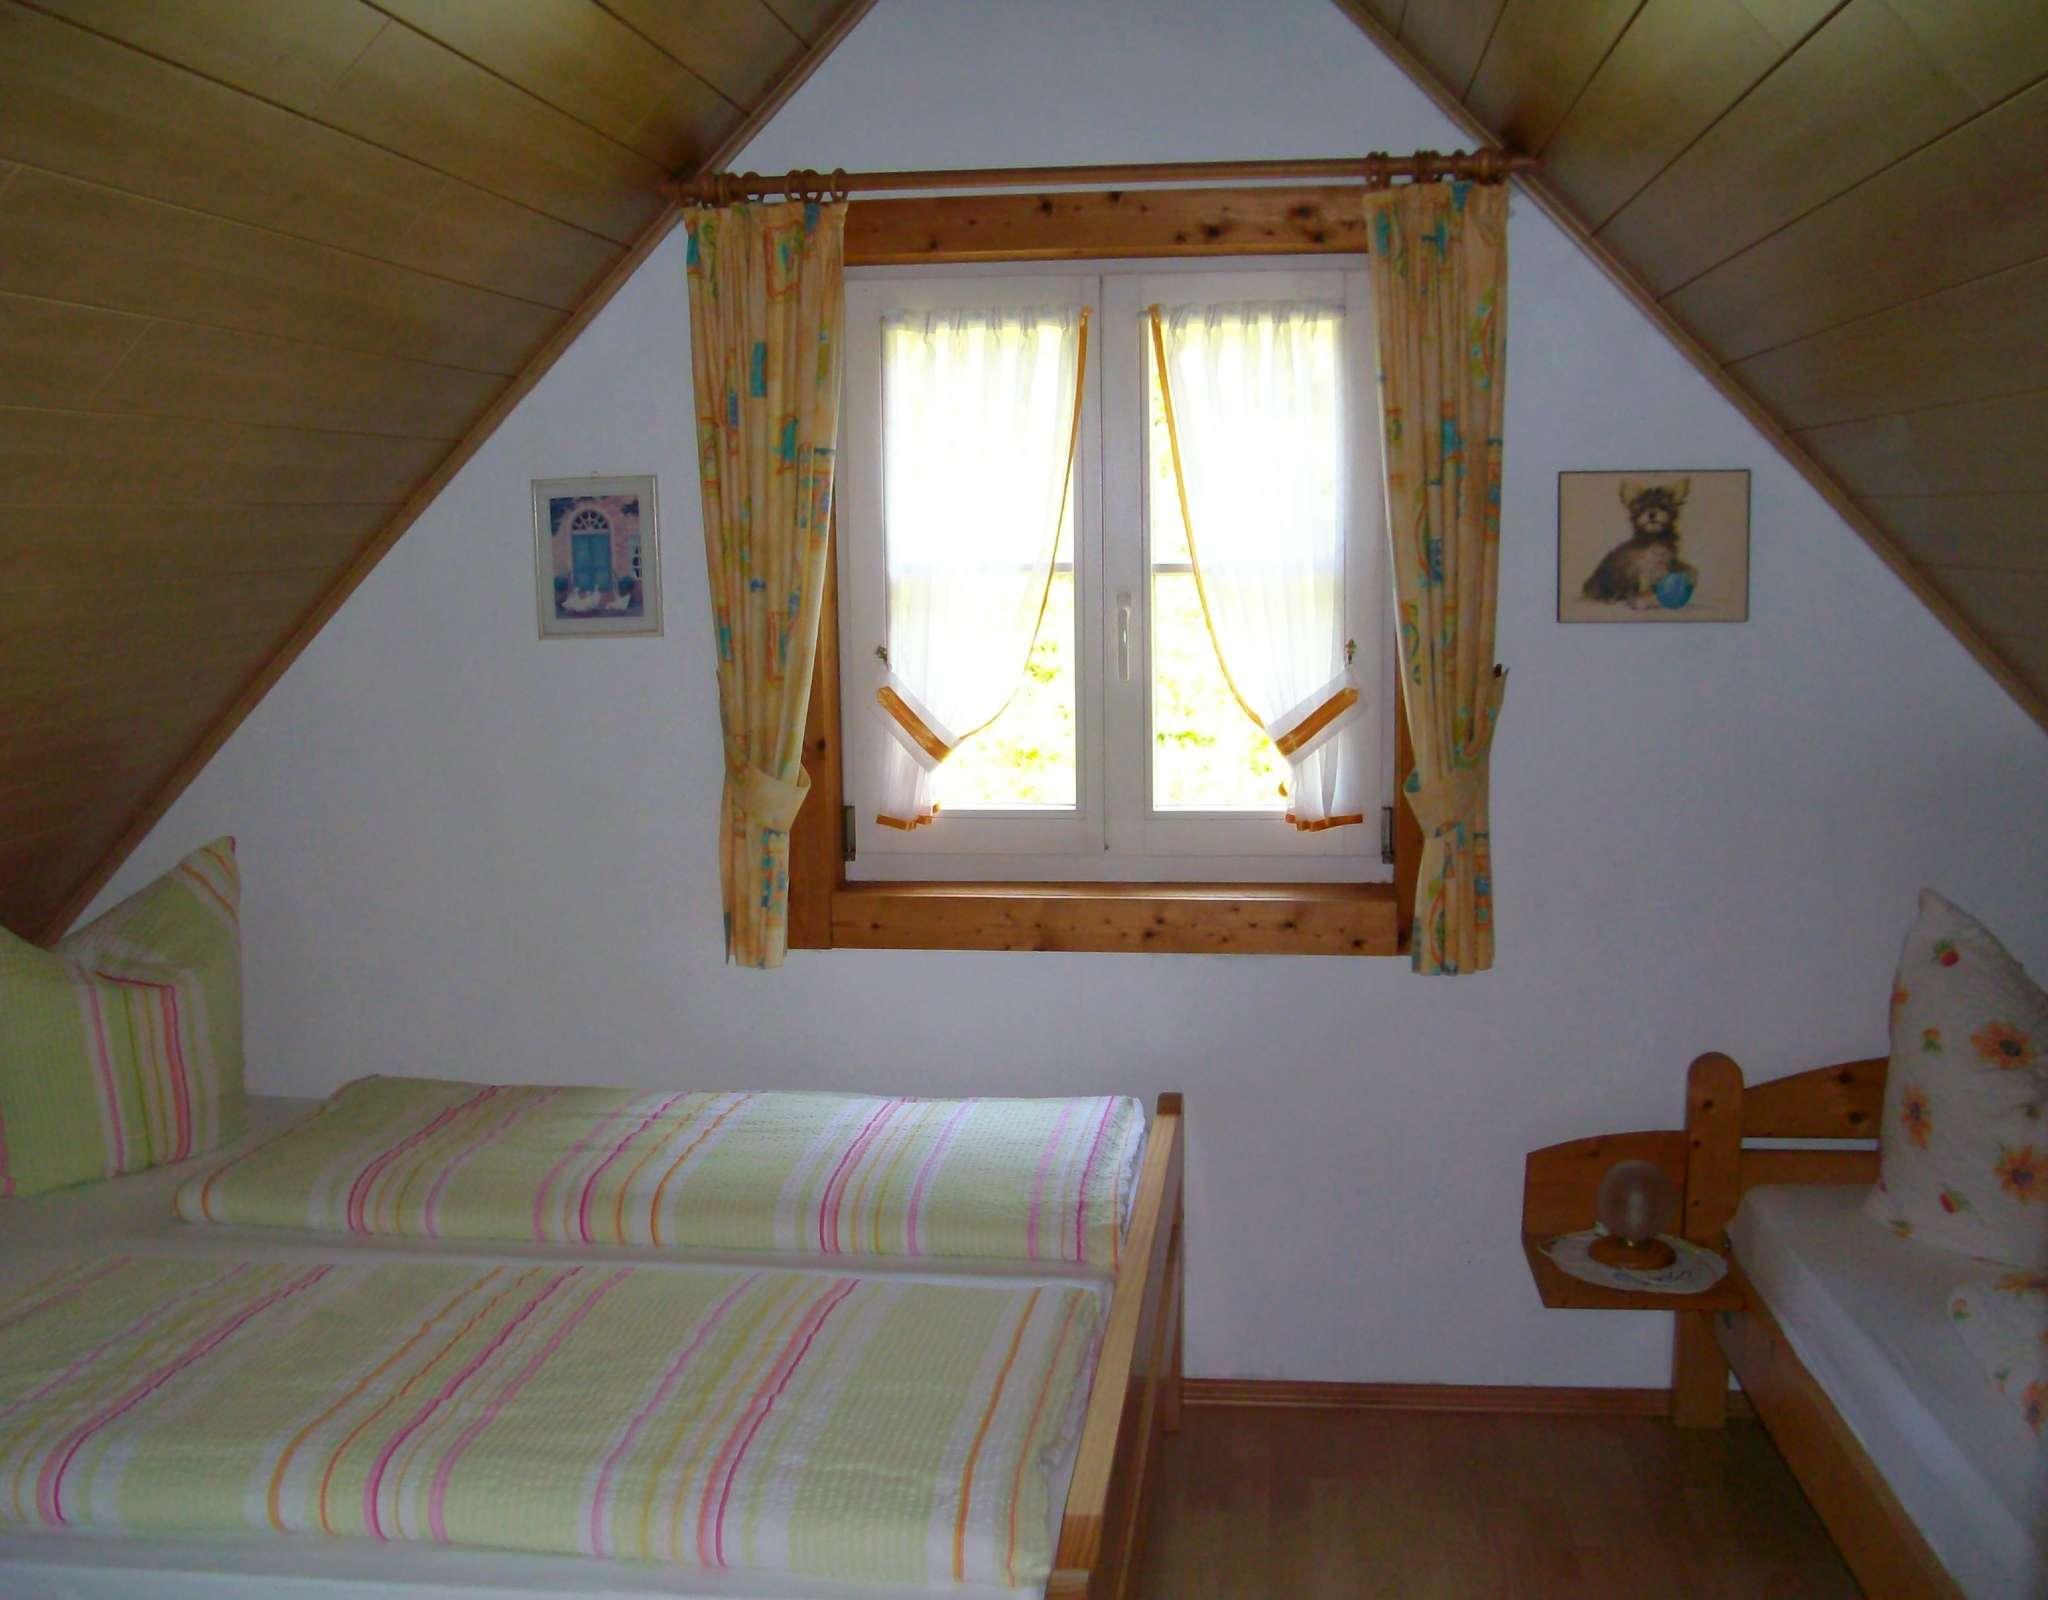 Ferienwohnung 1 - Wohnbereich mit Kamin